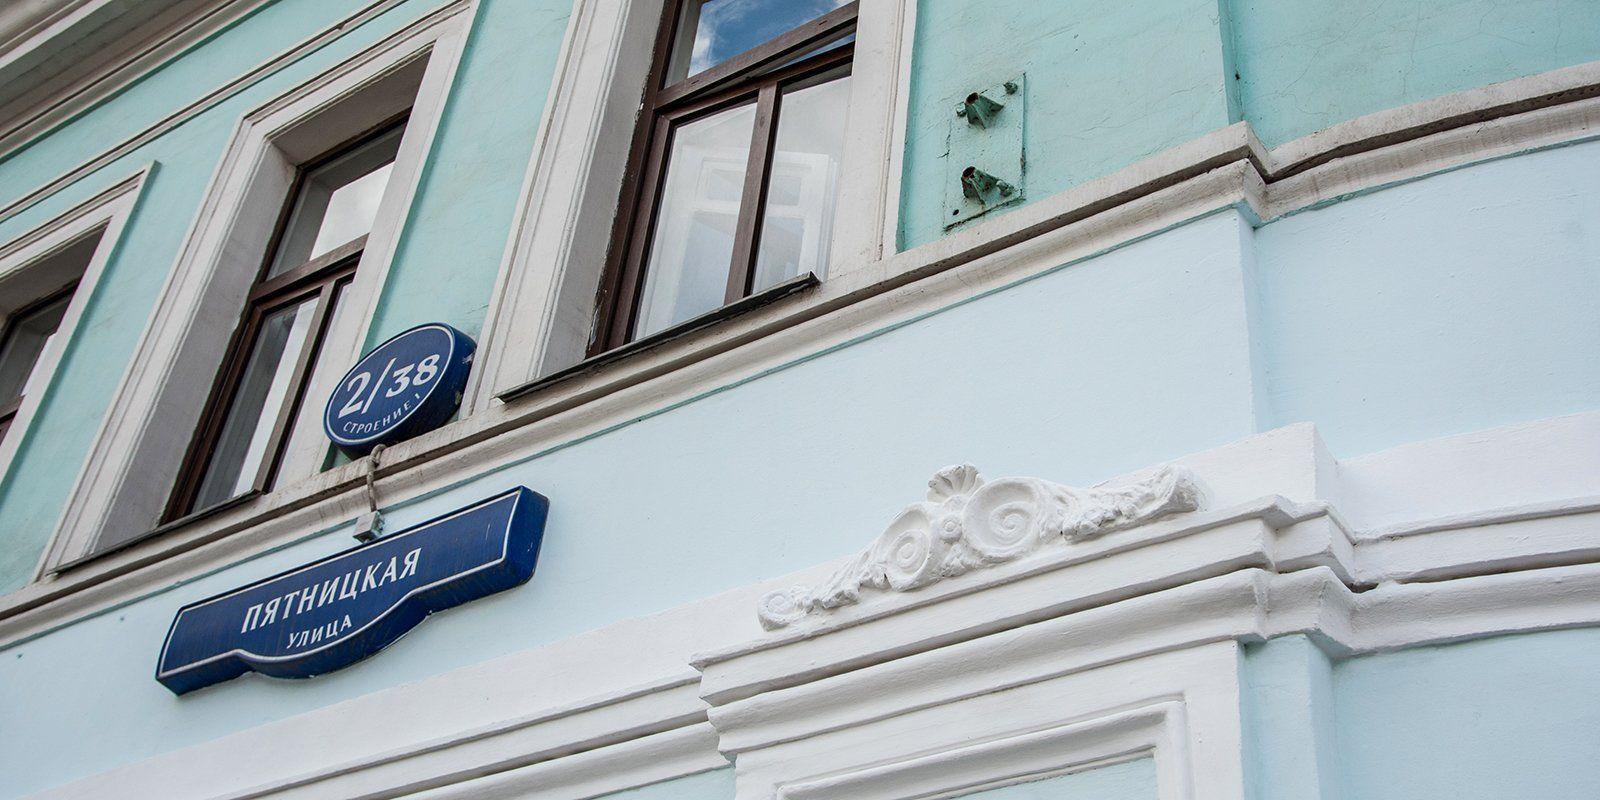 Жители Москвы помогут выбрать темы для новых городских экскурсий